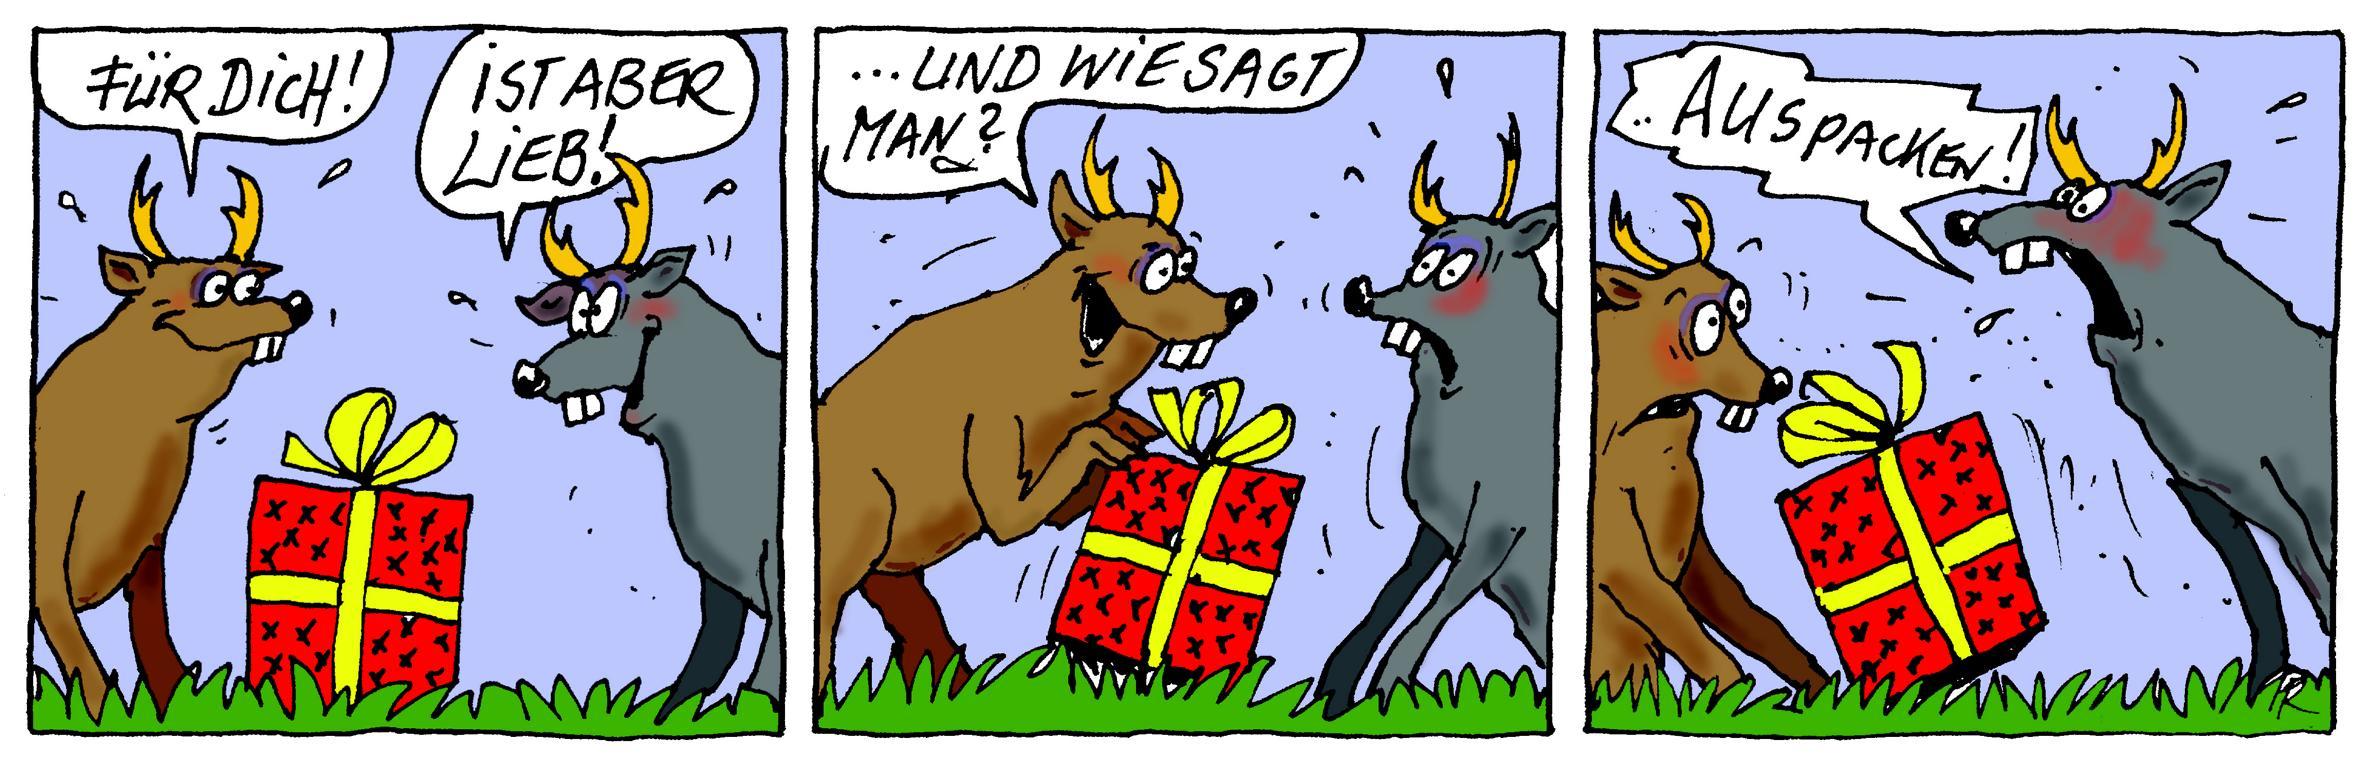 Moos dilldapp kleine geschenke erhalten die freundschaft - Kleine geschenke fa r den freund ...